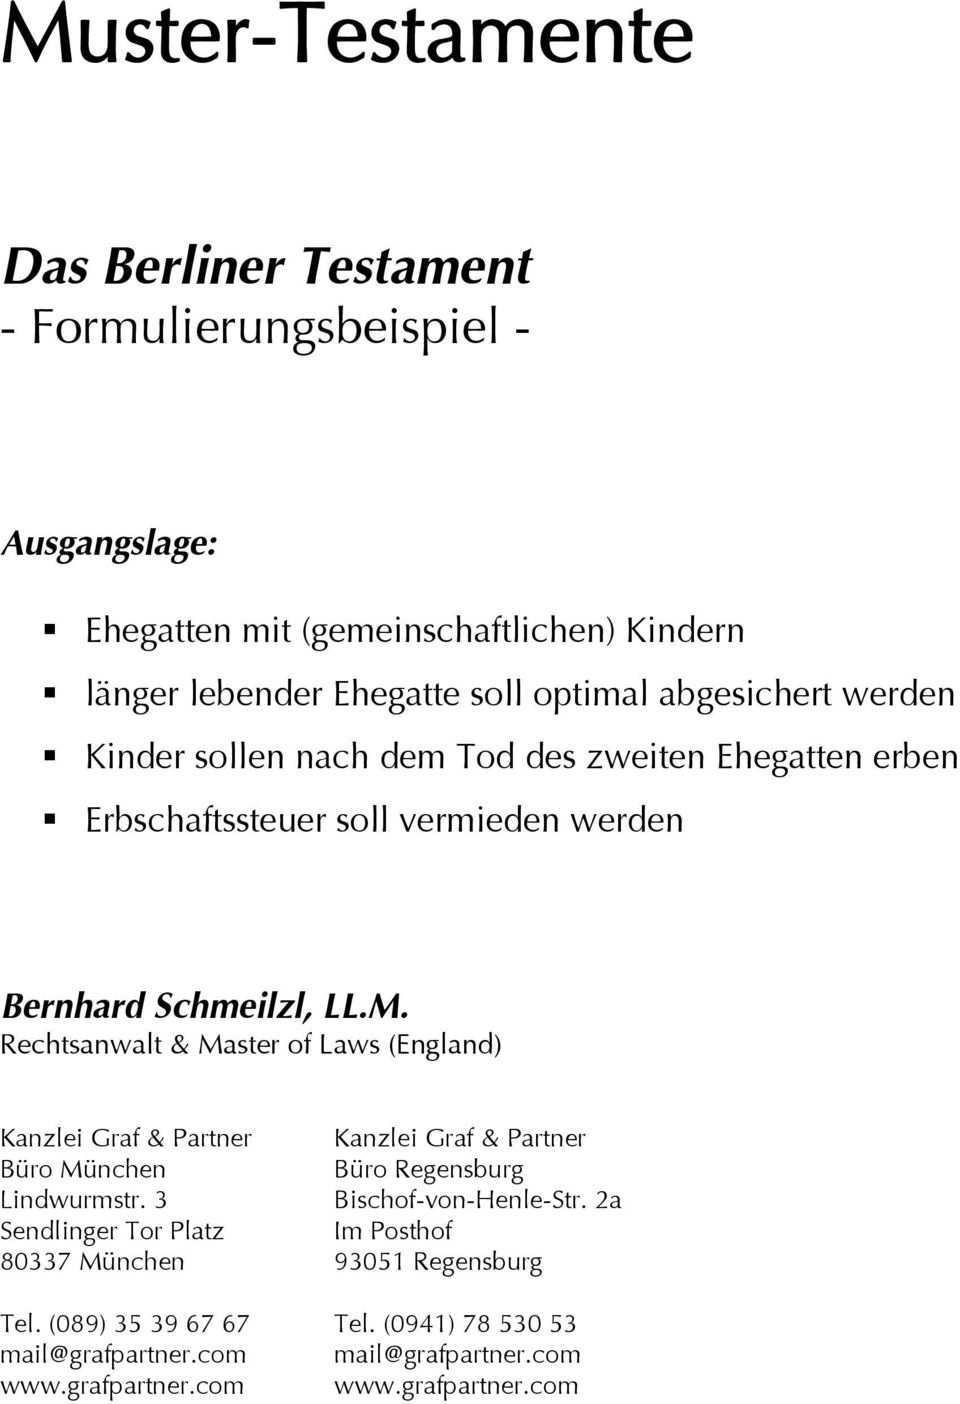 Muster Testamente Das Berliner Testament Formulierungsbeispiel Ausgangslage Pdf Kostenfreier Download